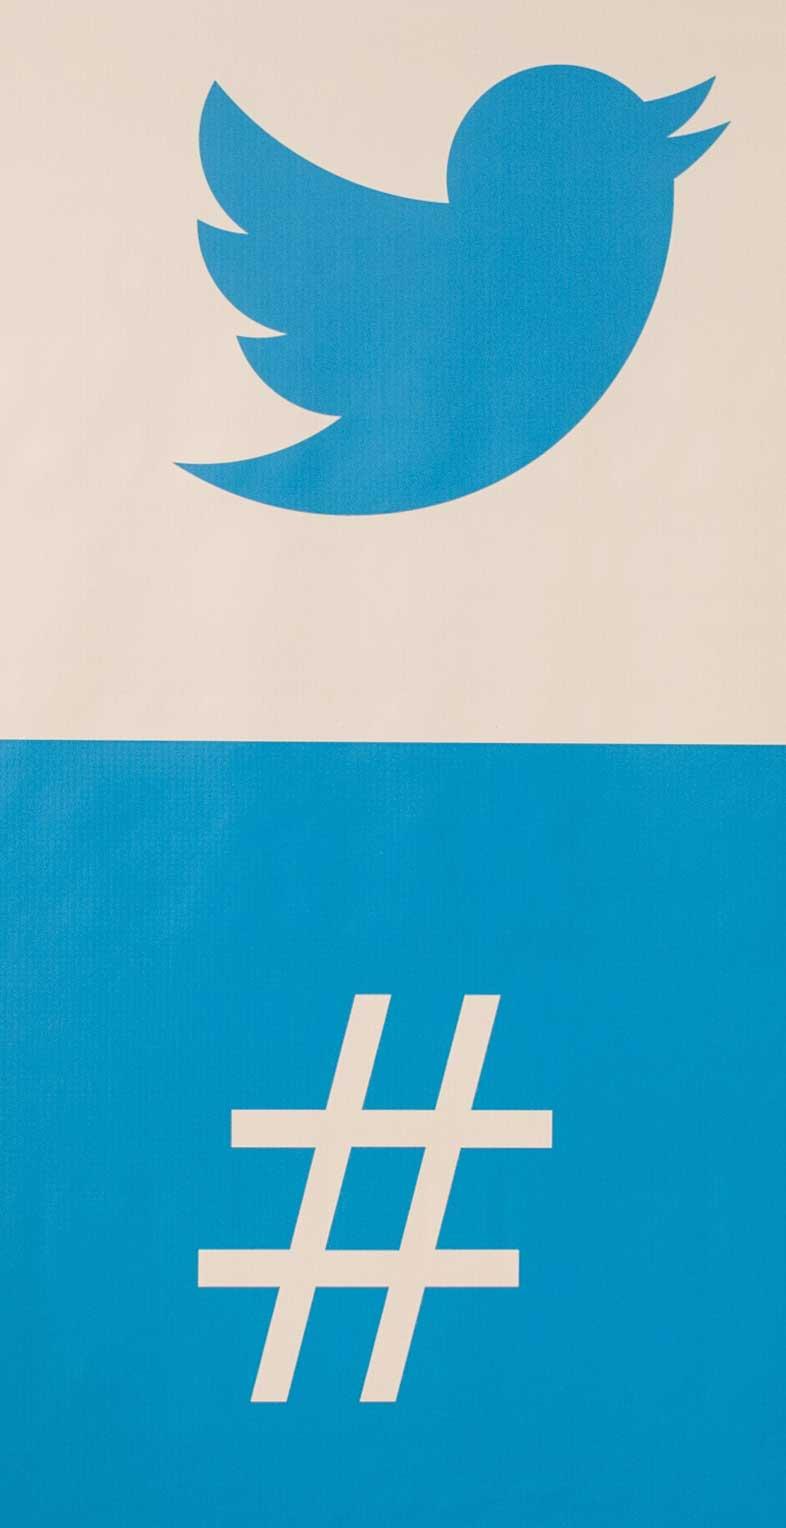 53a1aae2cf459 São planos e estratégias de mídia no Twitter, que montamos de acordo com o  perfil da sua empresa/consumidor. Tudo para que seu perfil ganhe seguidores  e ...